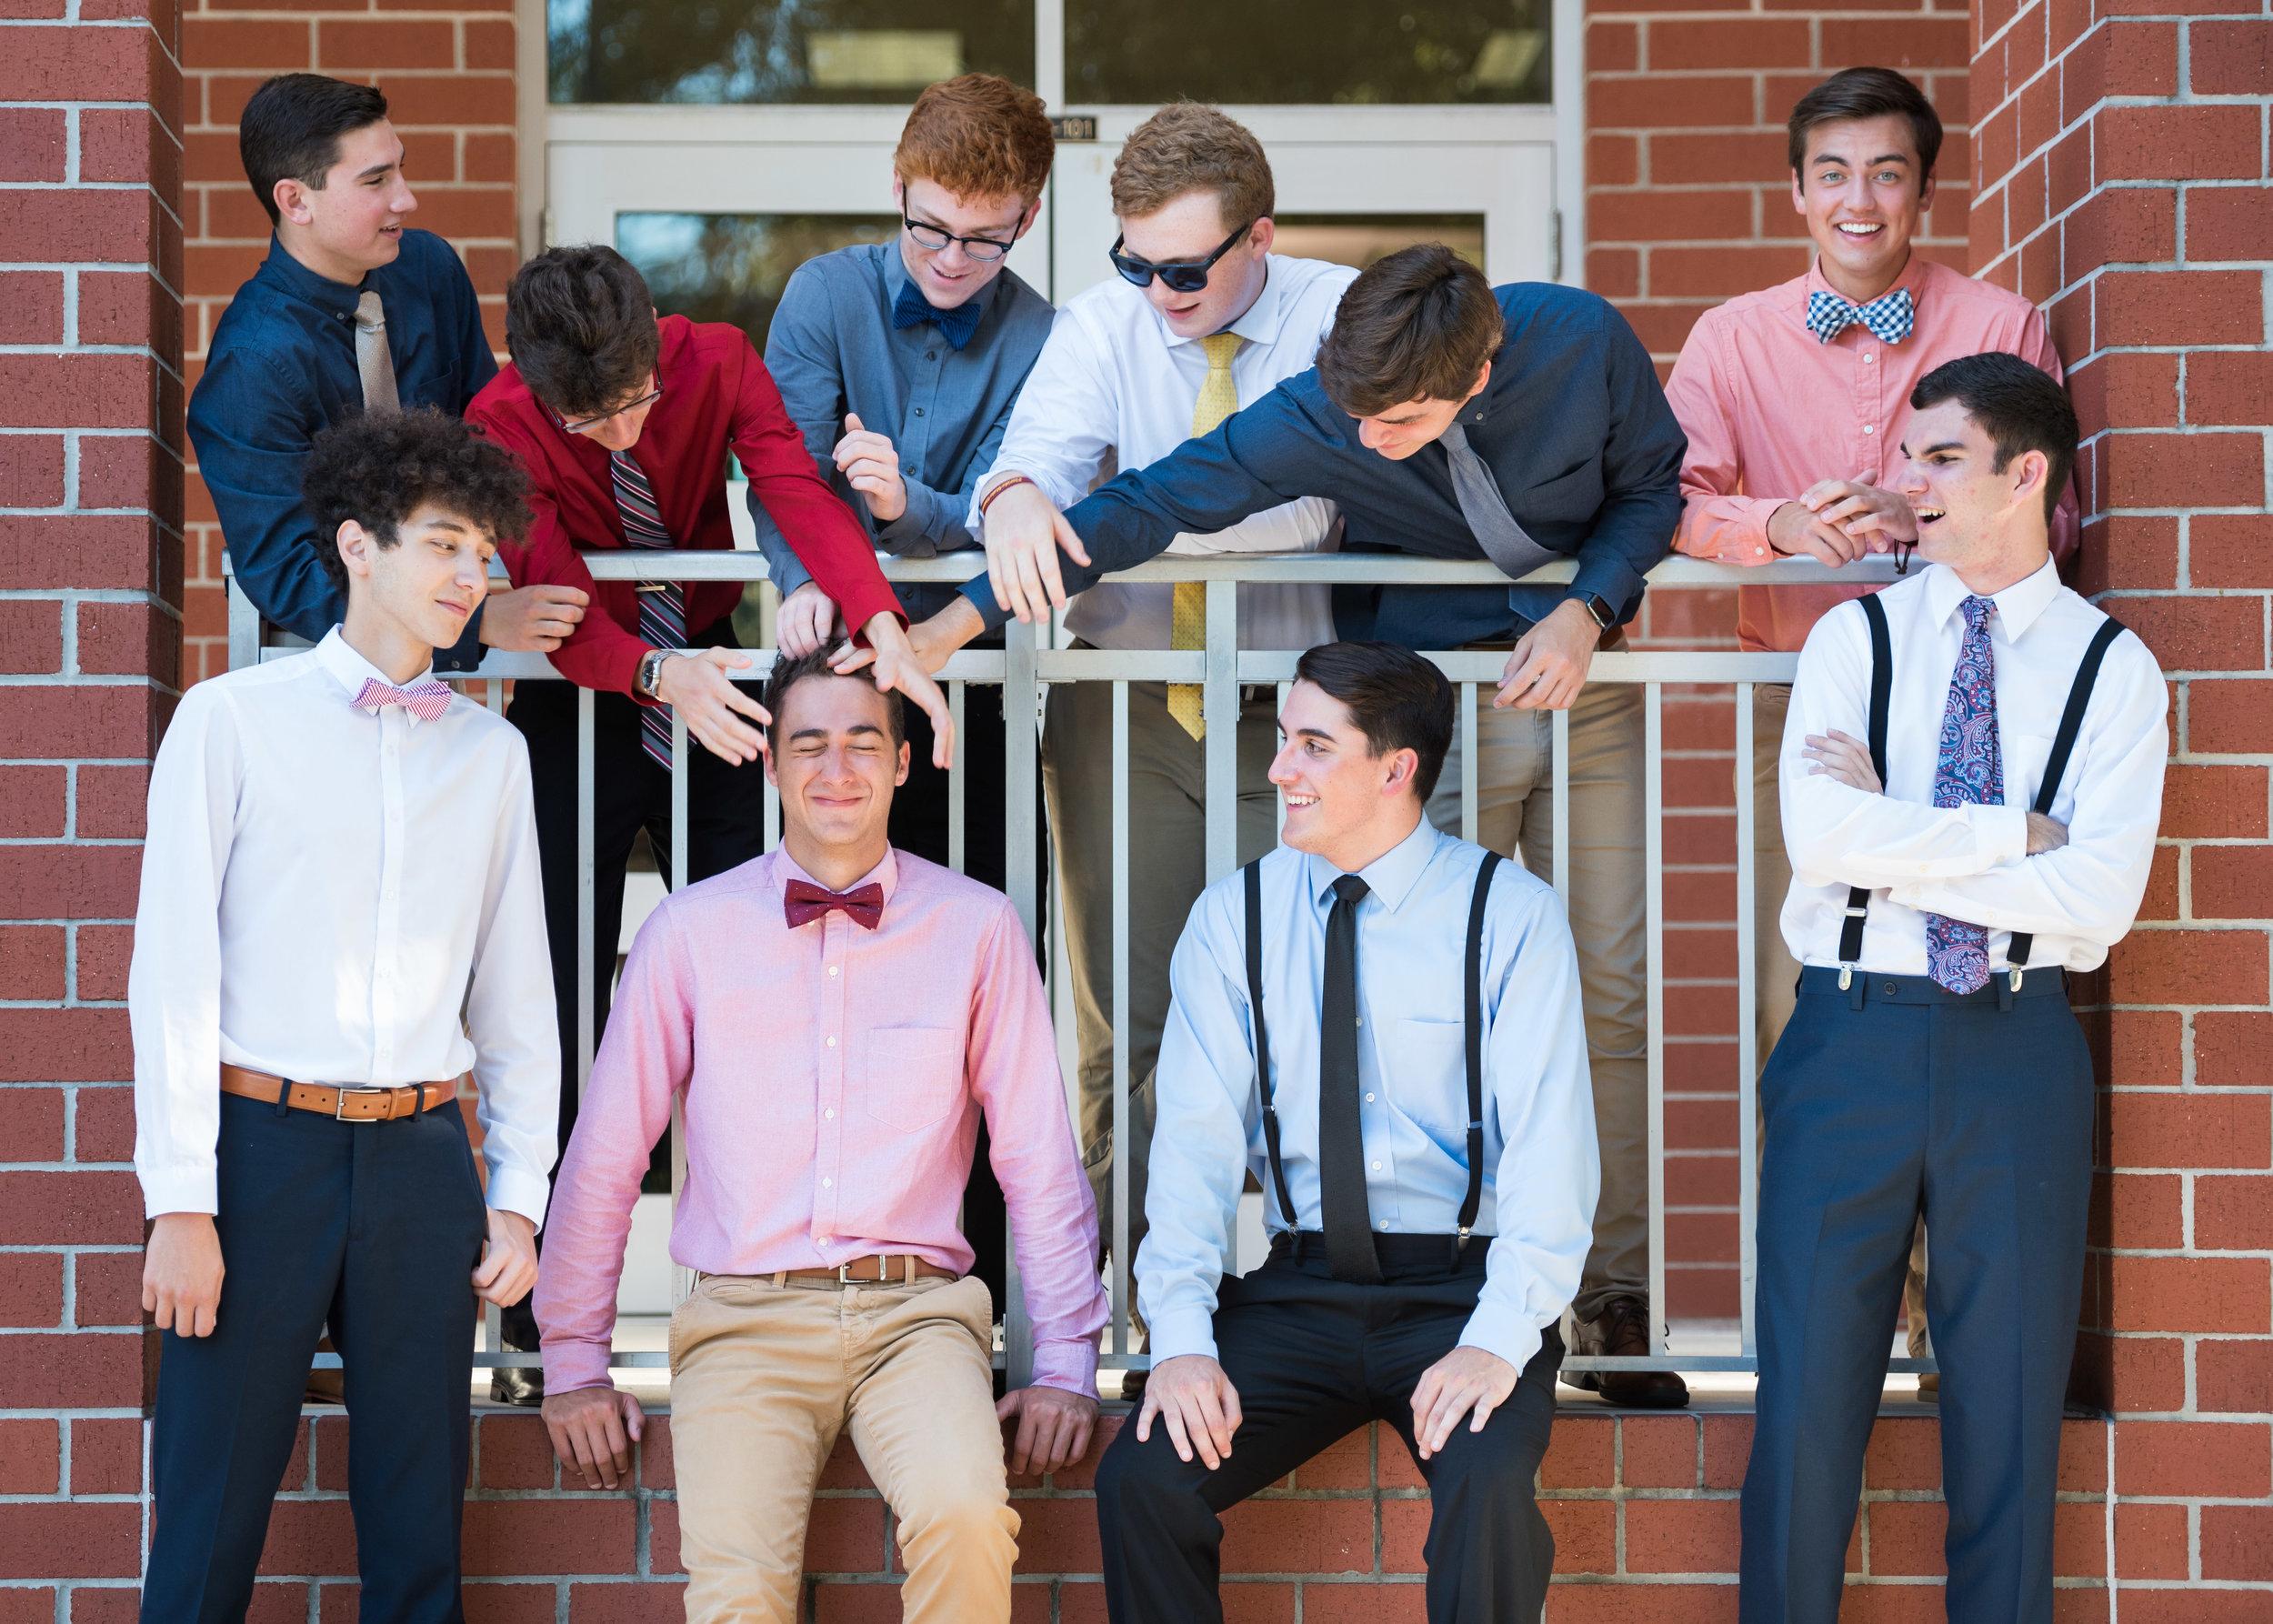 brantley high schoolers